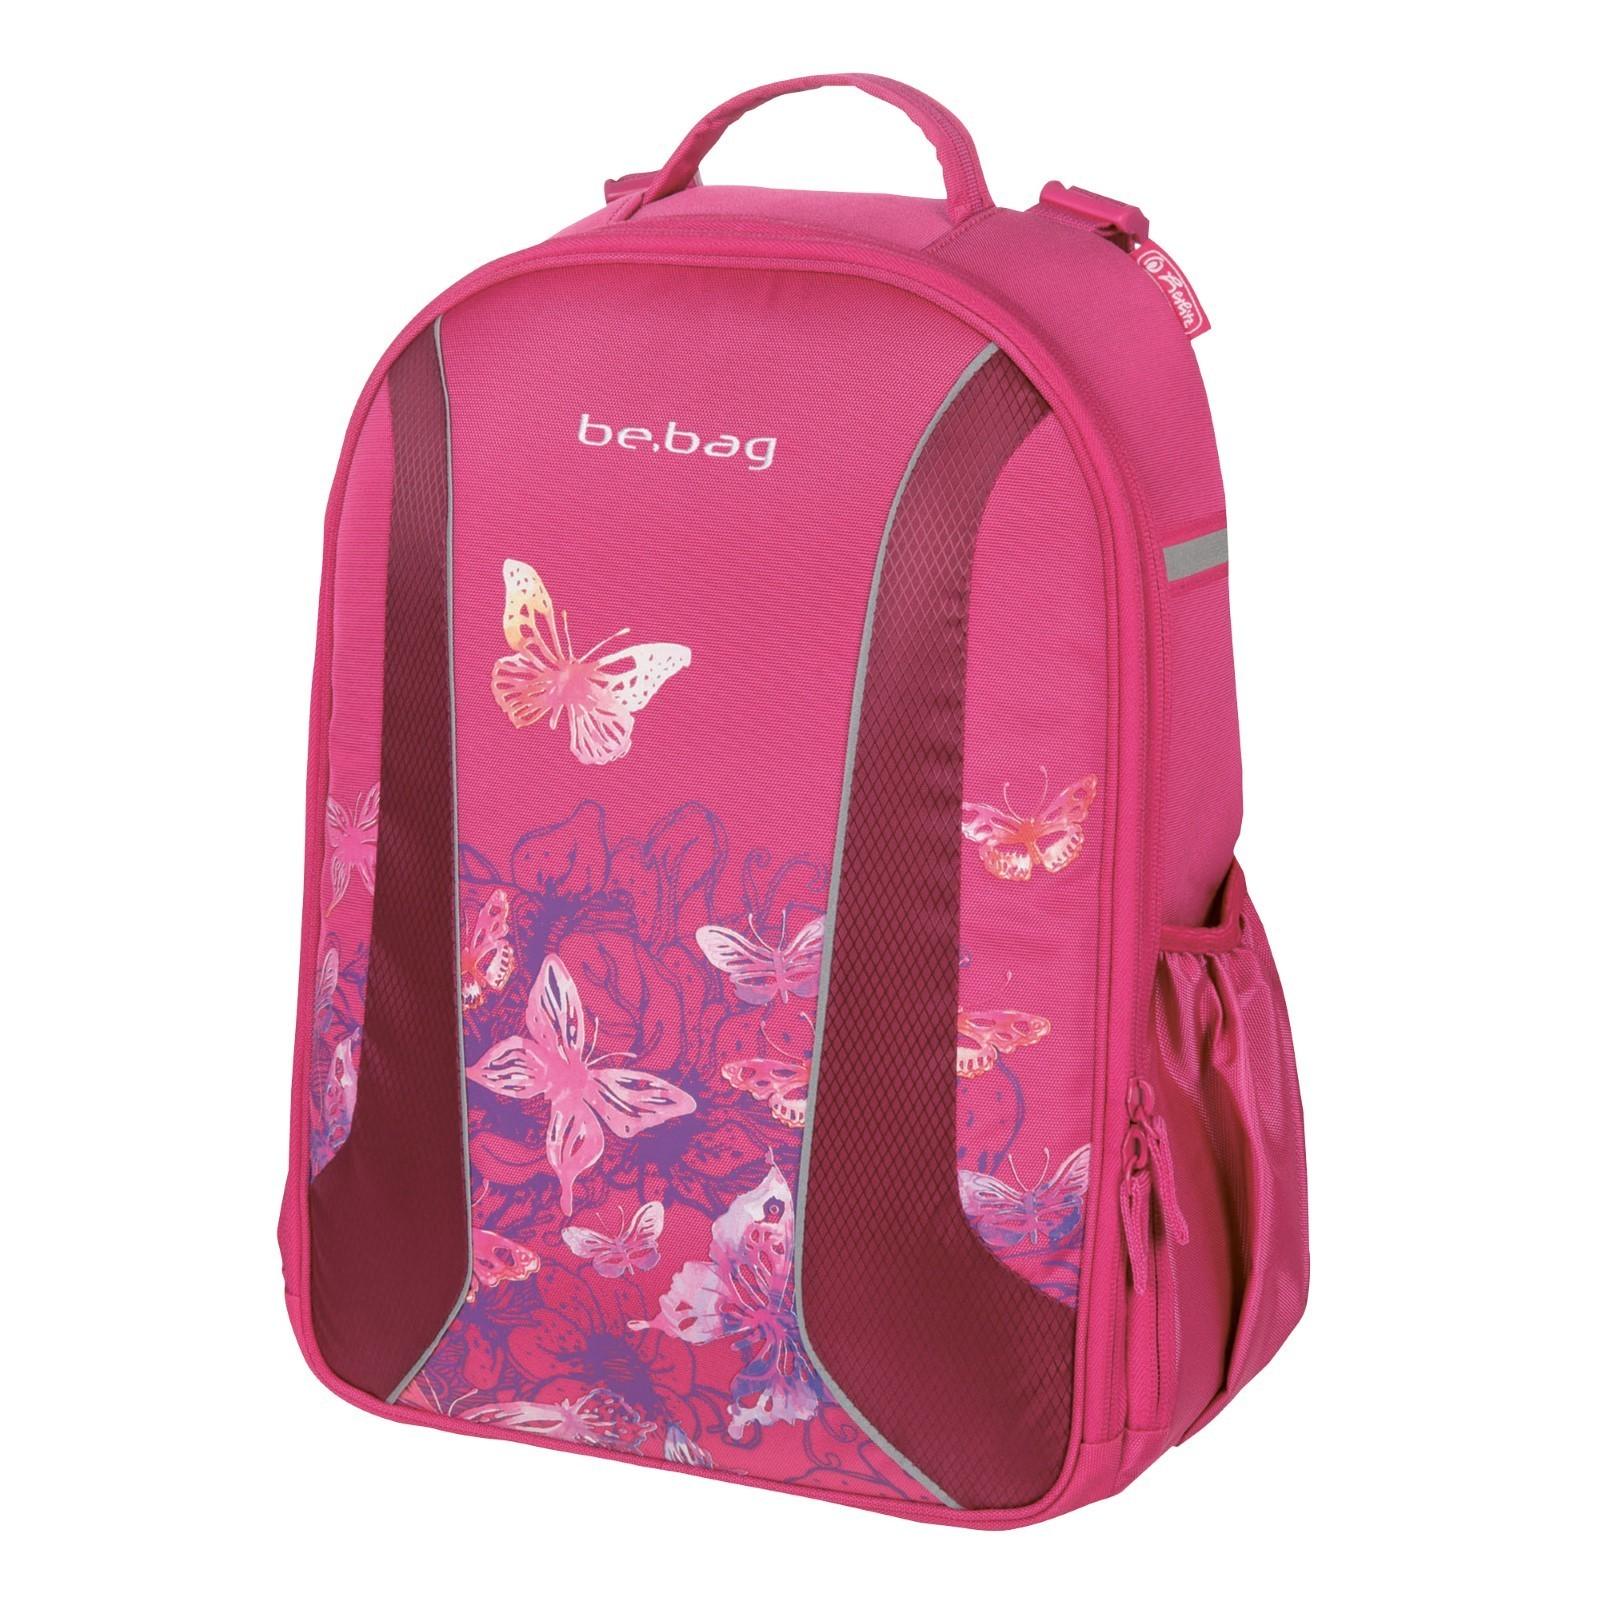 c8cb9d10806d5 Plecaki szkolne Herlitz (be.bag) majtaniej - Herlitz Smart - plecak ...